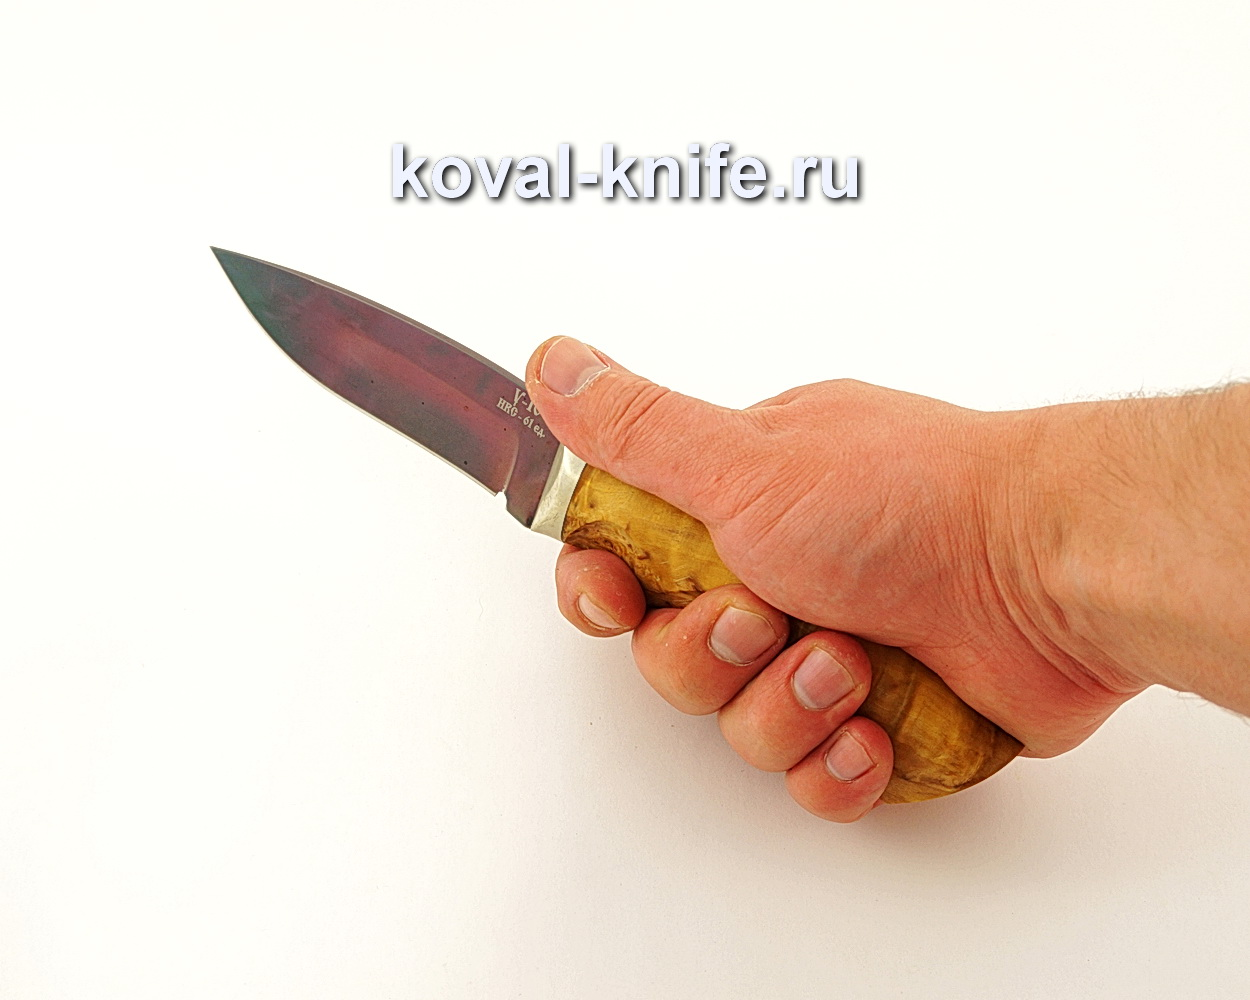 купить нож кузницы Коваль